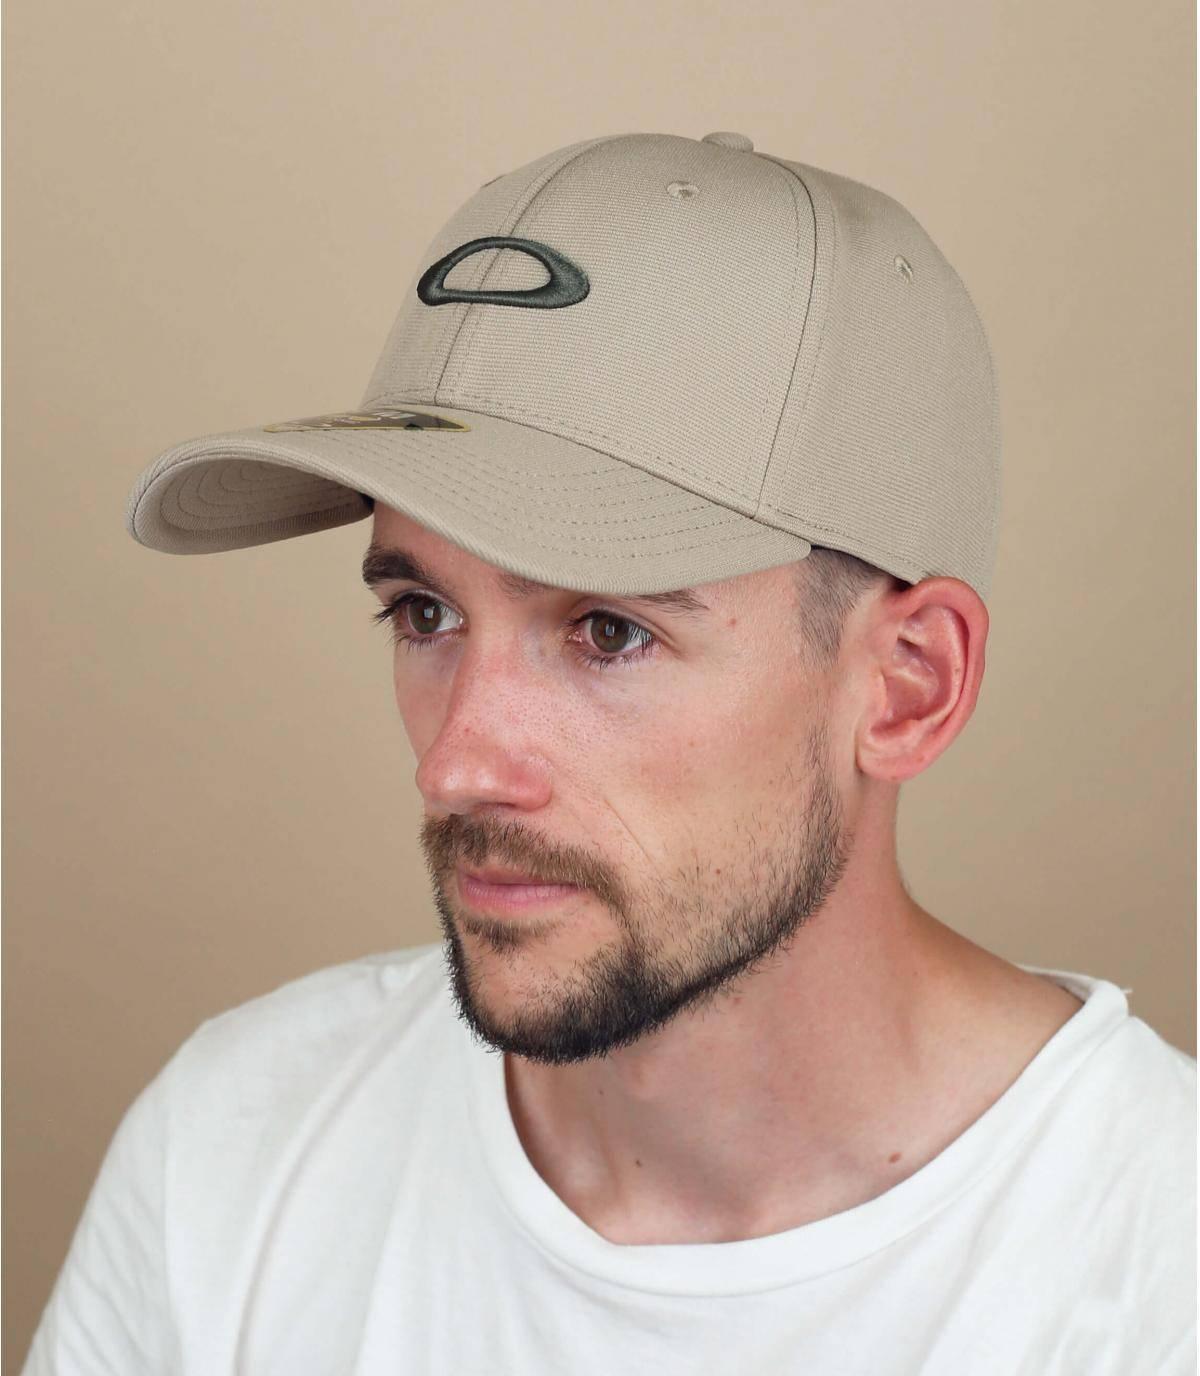 cappellino Oakley beige